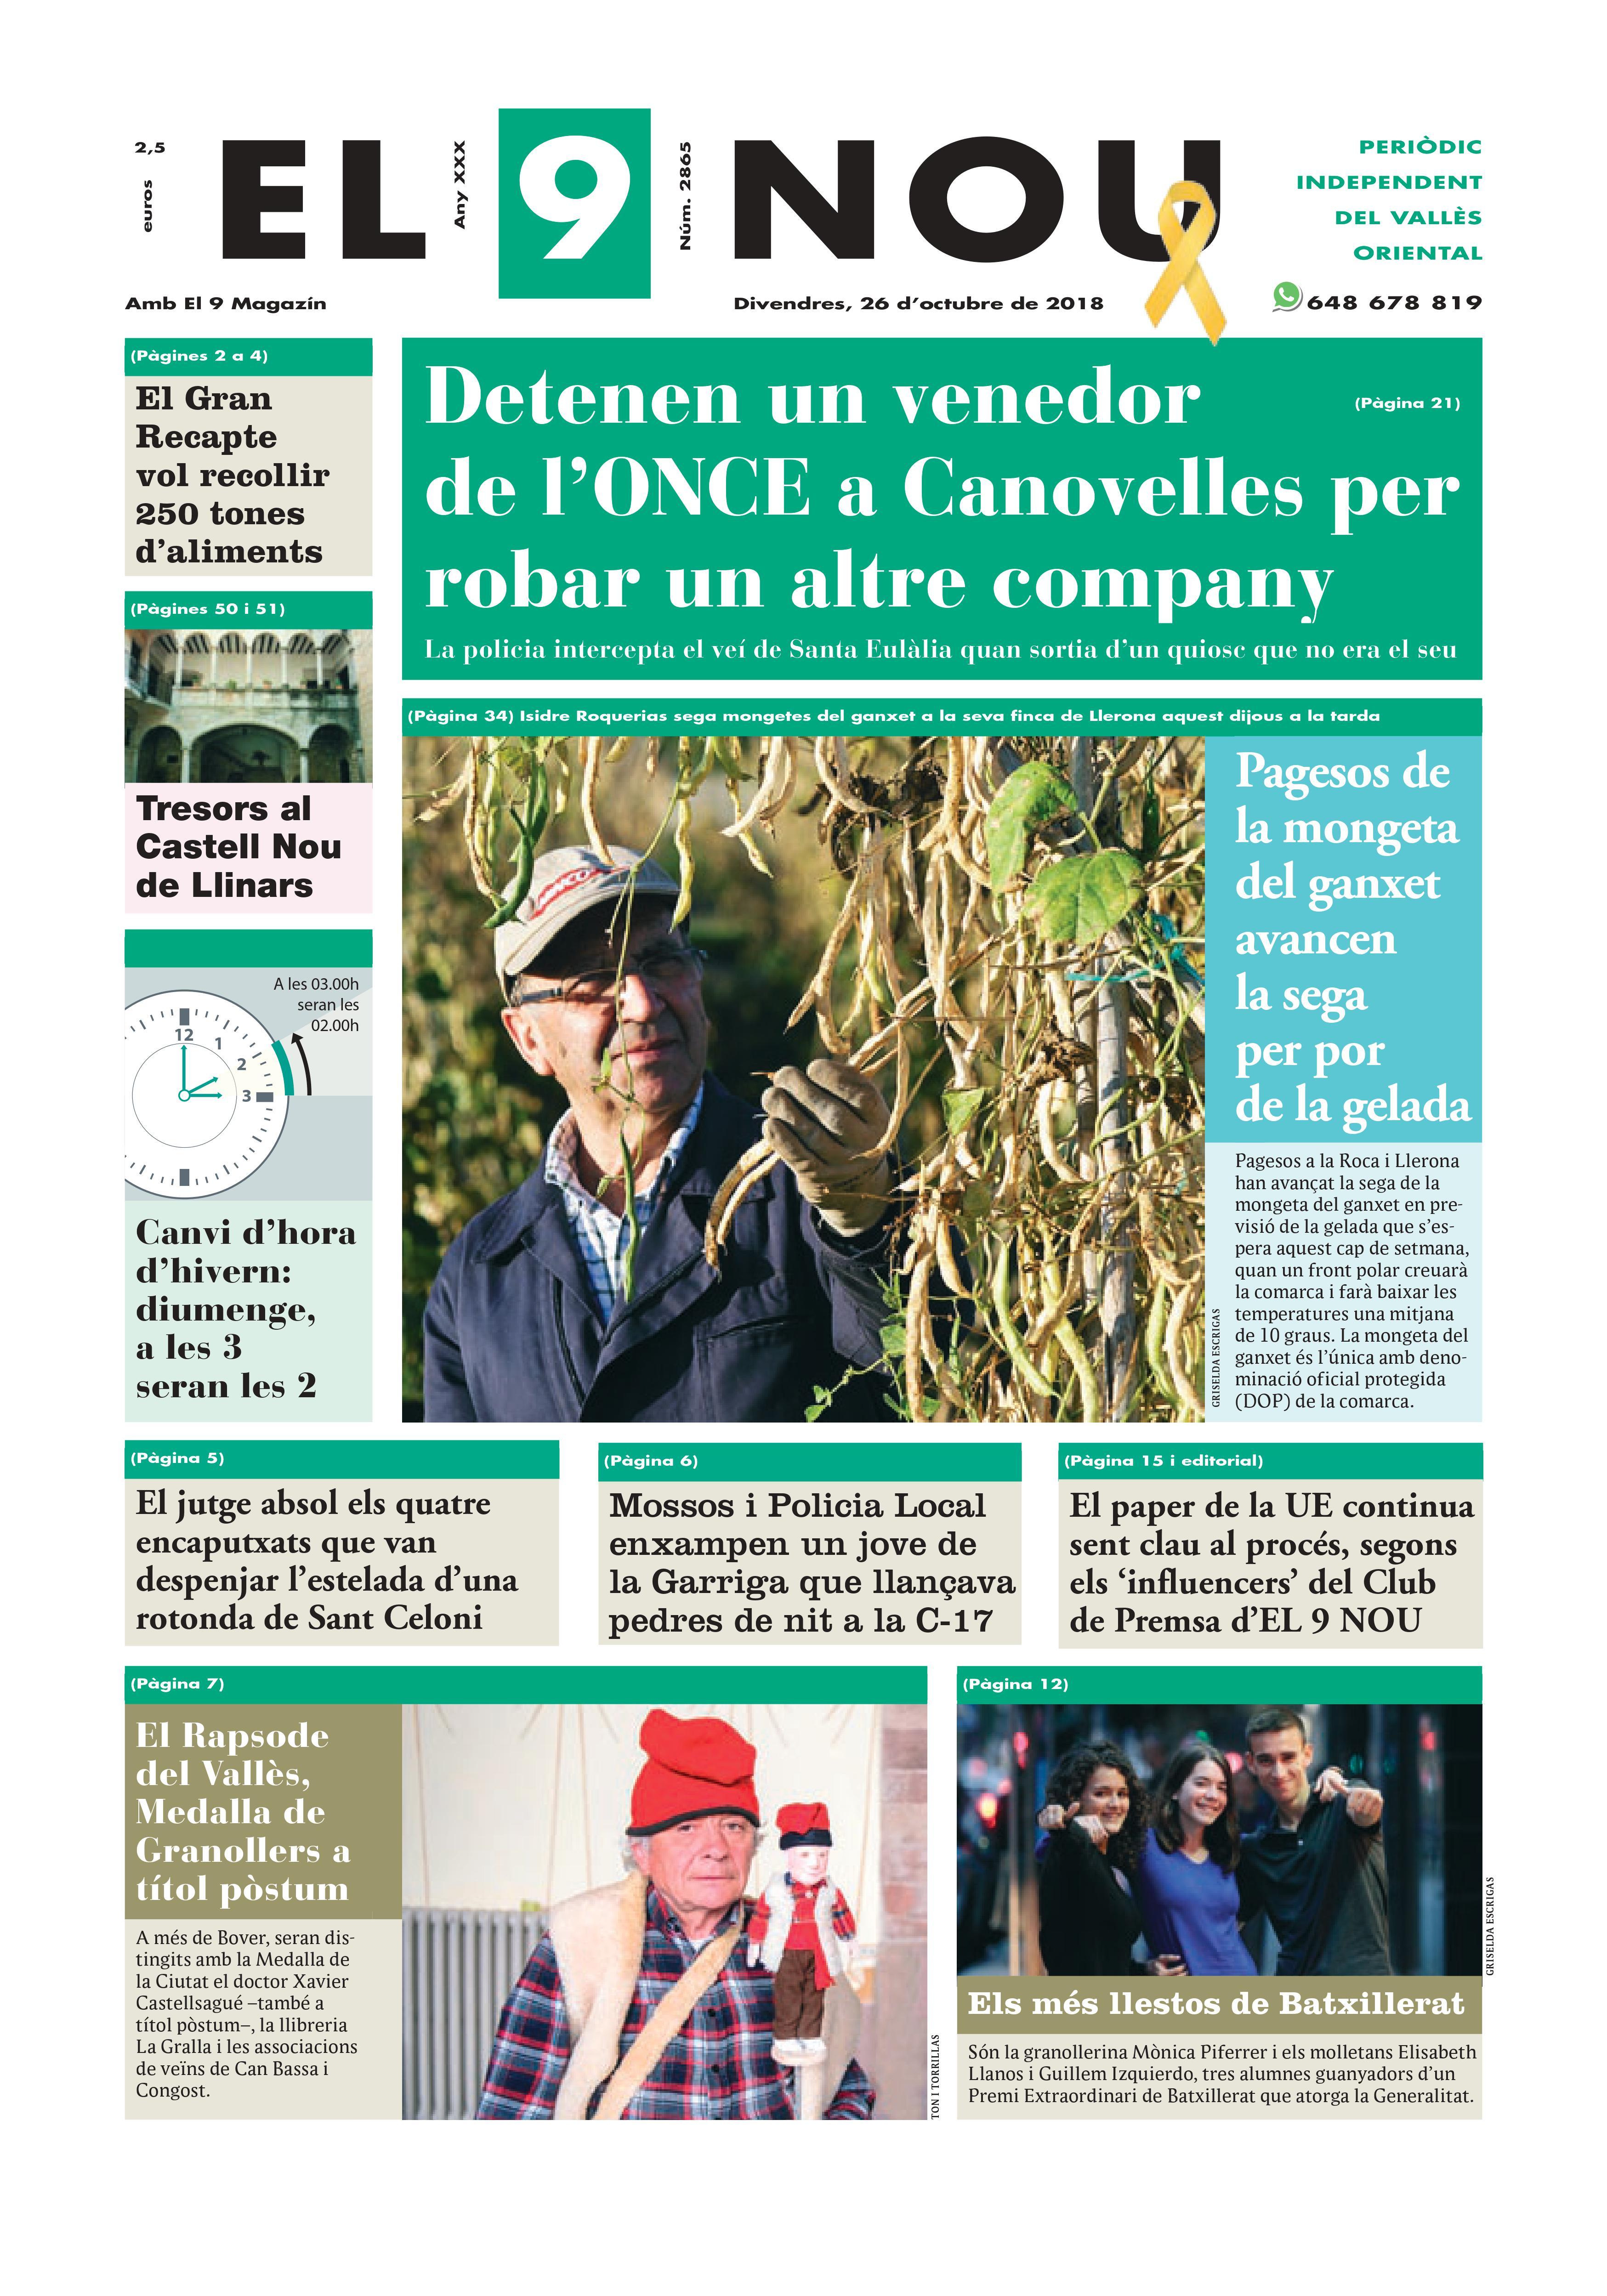 Primera plana EL 9 NOU 26_10_18 Vallès